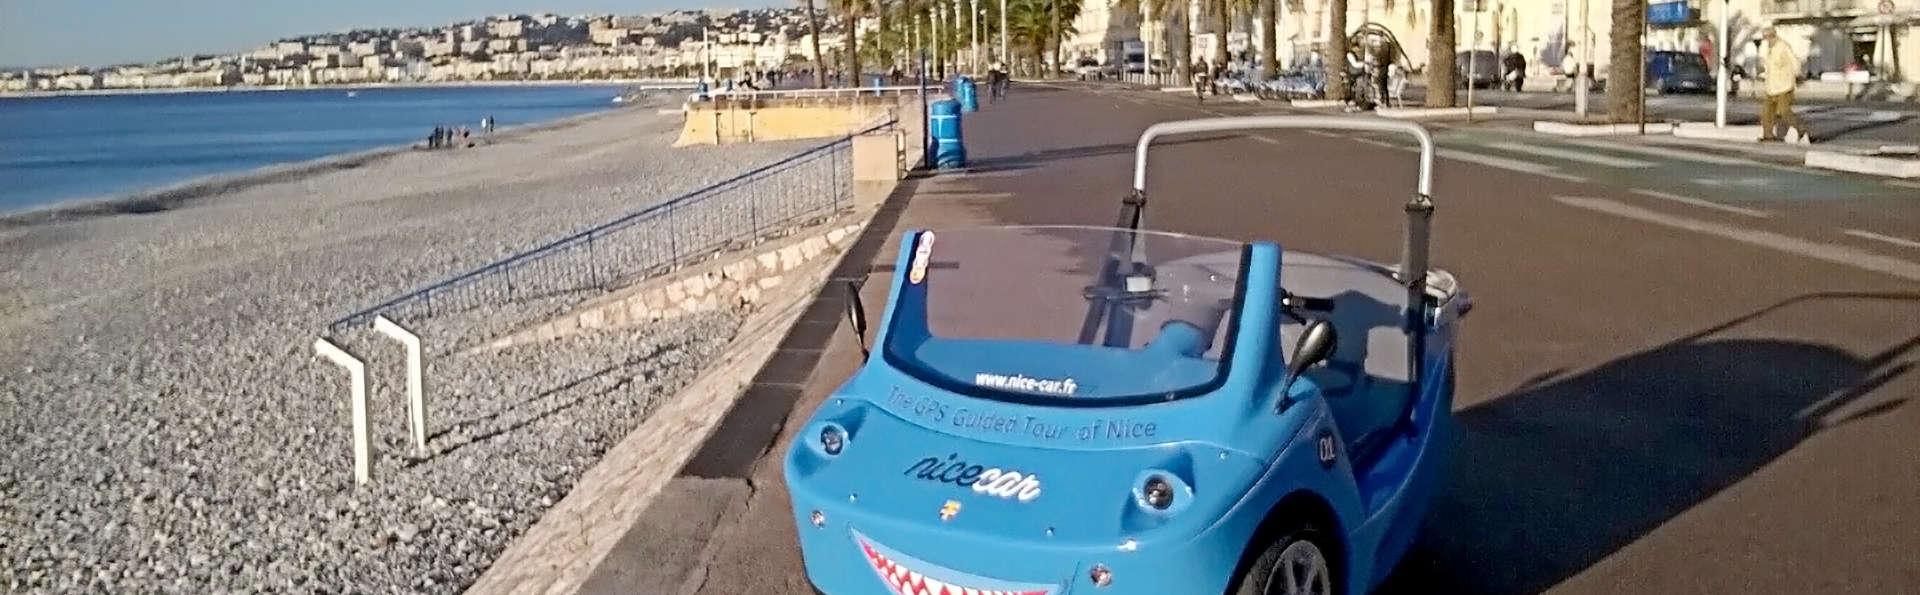 Découverte de Nice et ses environs à votre rythme